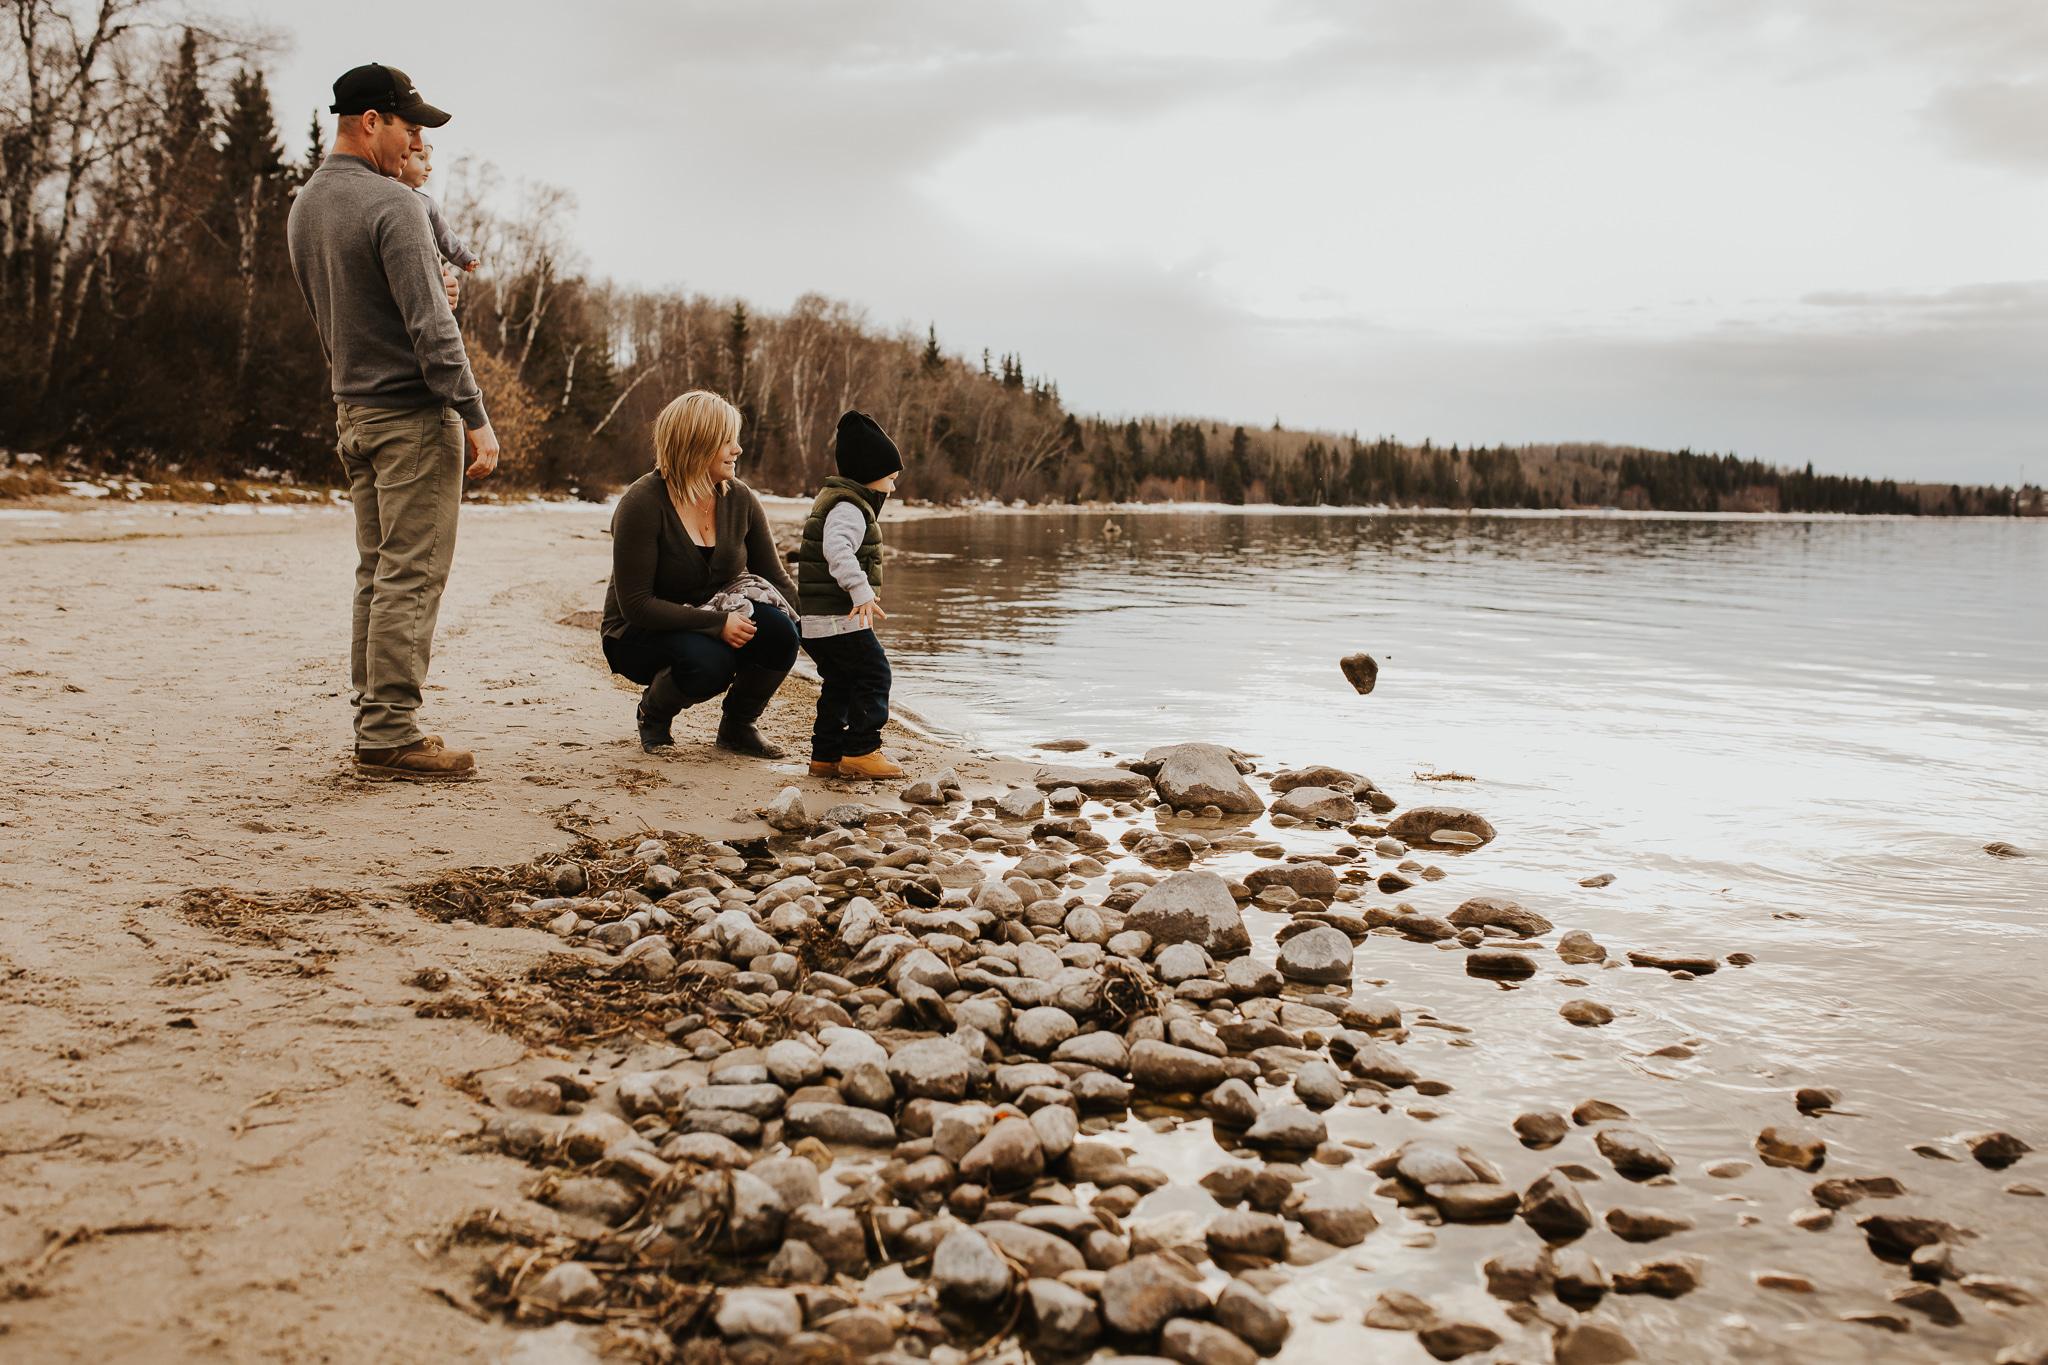 Alina-Joy-Photography-Cold-Lake-Lifestyle-Photographer-95.jpg